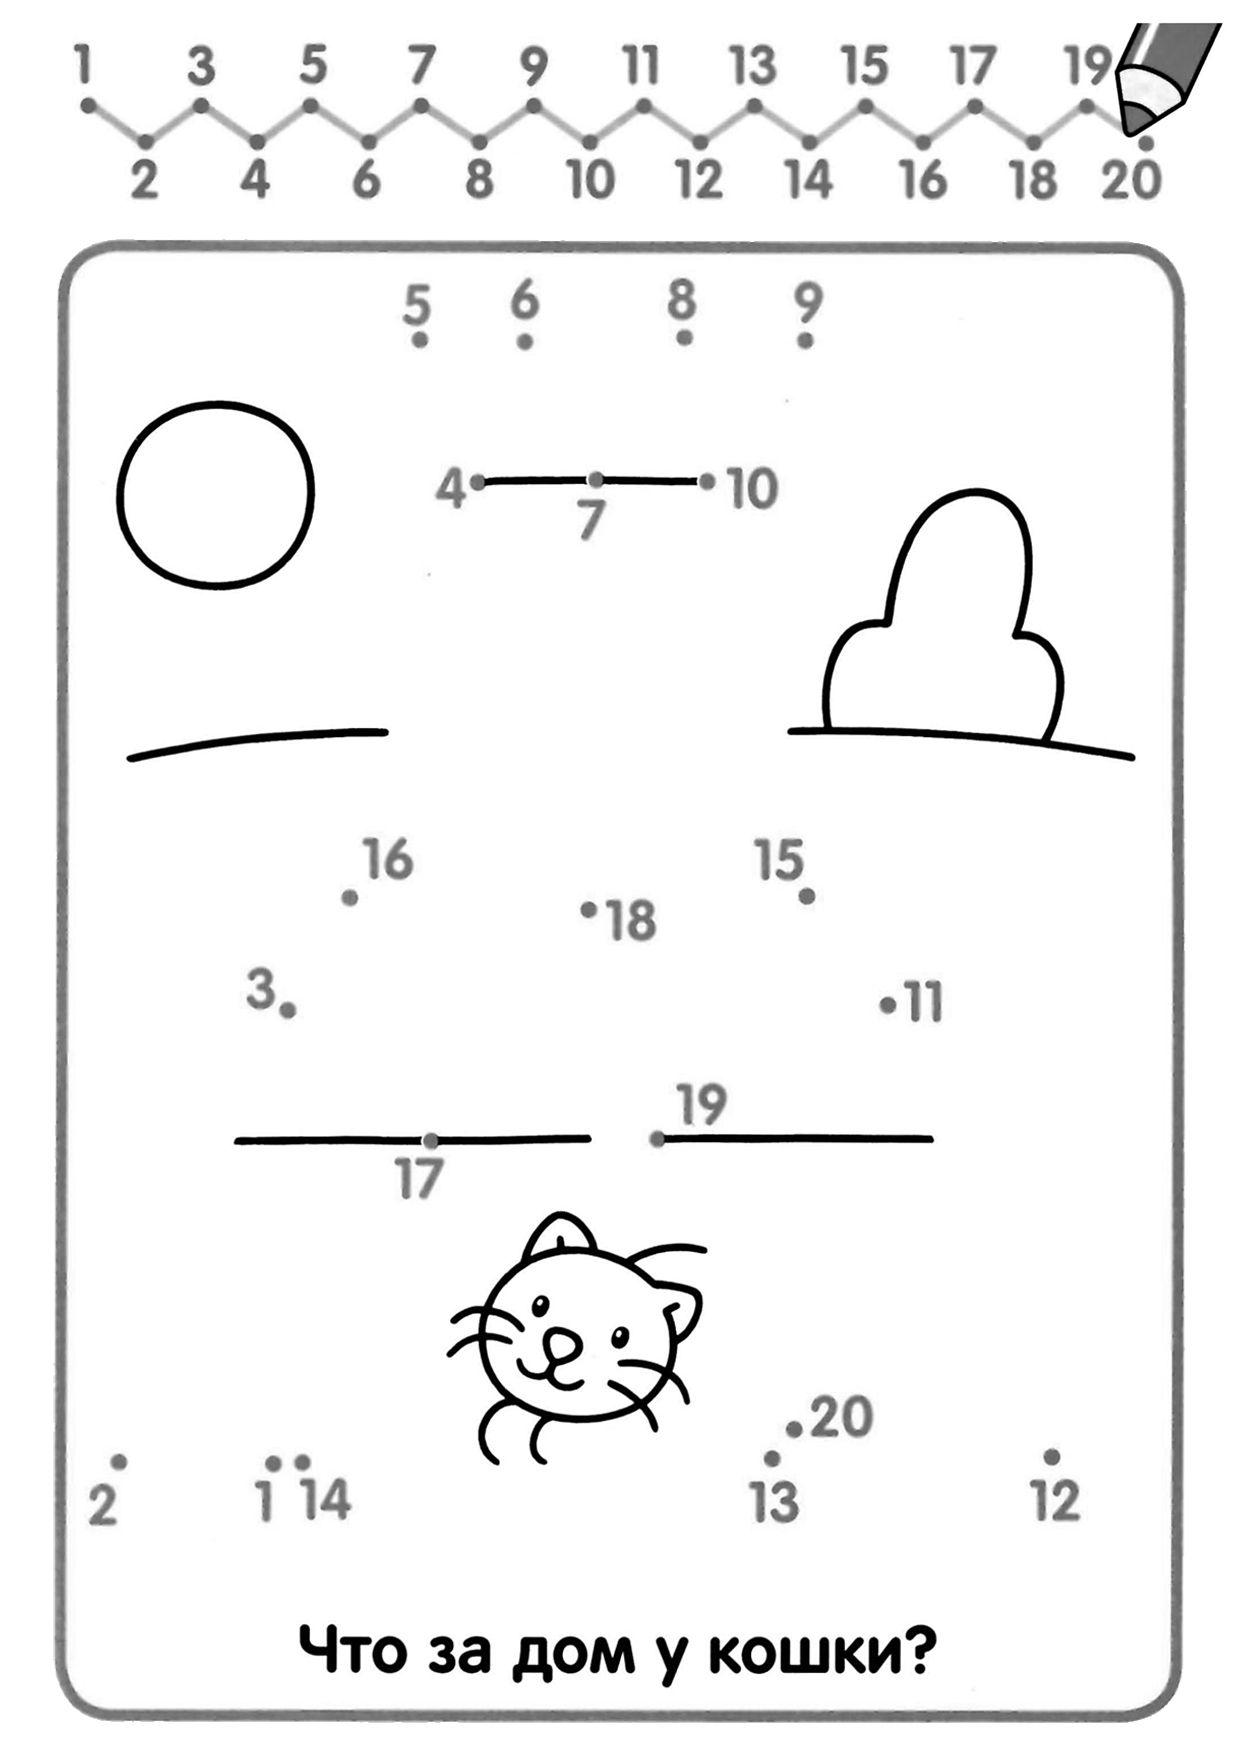 Https S3 Eu Central 1 Amazonaws Com Img Sovenok Co Uk House Dot To Actividades De Lectura Preescolar Actividades De Aprendizaje Preescolares Primeros Grados [ 1754 x 1240 Pixel ]